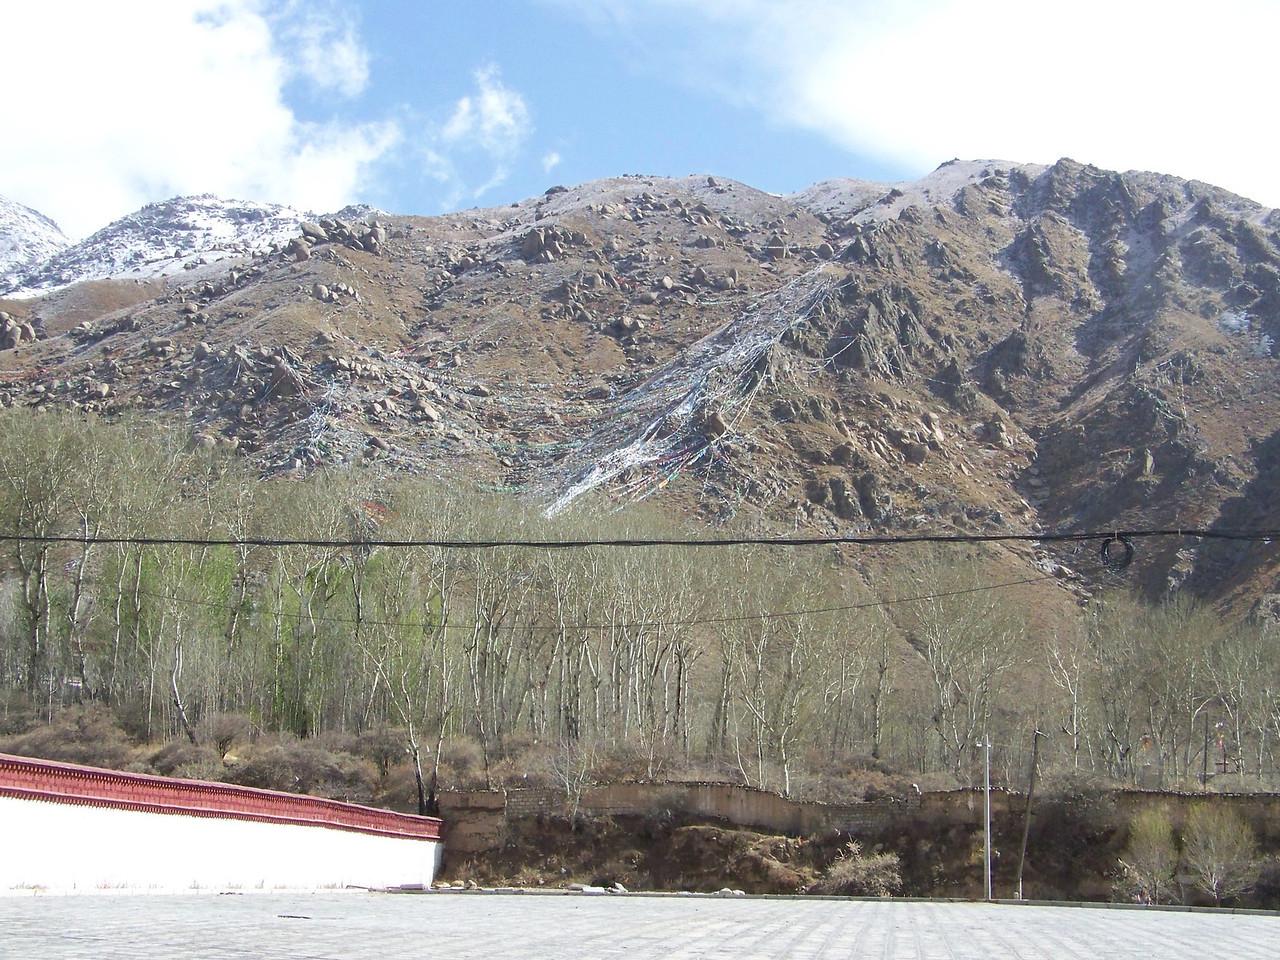 0126 - Prayer Flags on Hillside in Lhasa Tibet.JPG